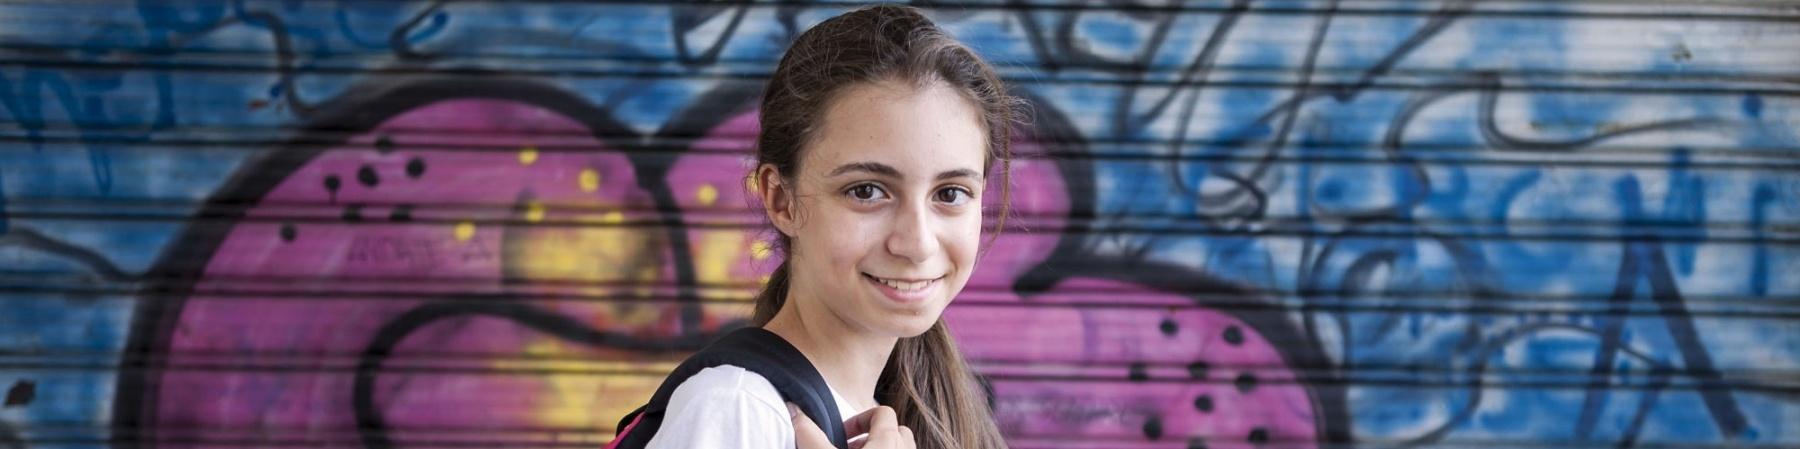 bambina con maglietta bianca e zaino viola sorride davanti a un murales